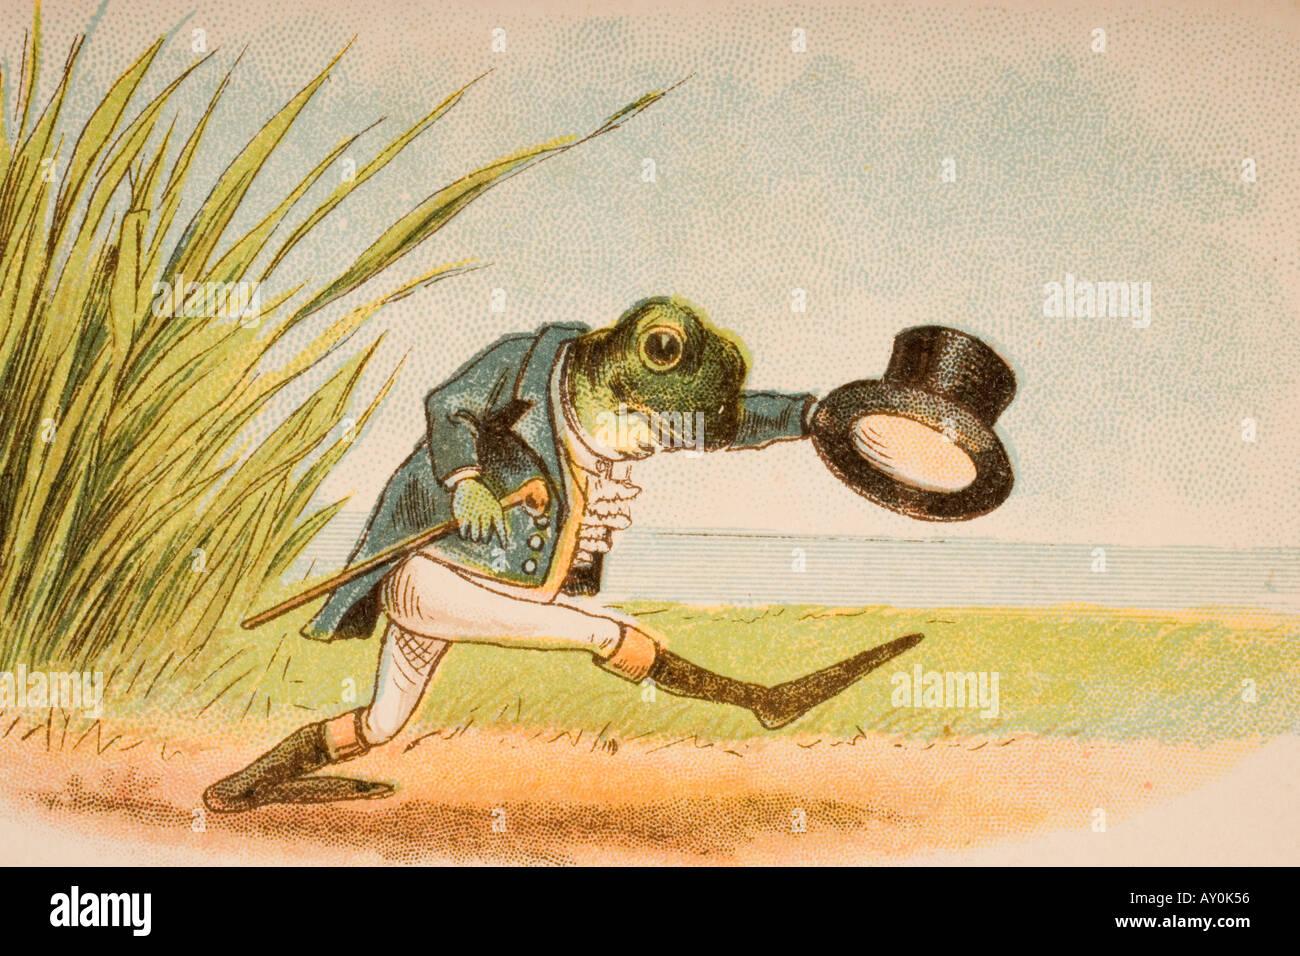 La rana que iba a cortejar van desde Old Mother Goose s rimas y cuentos Imagen De Stock